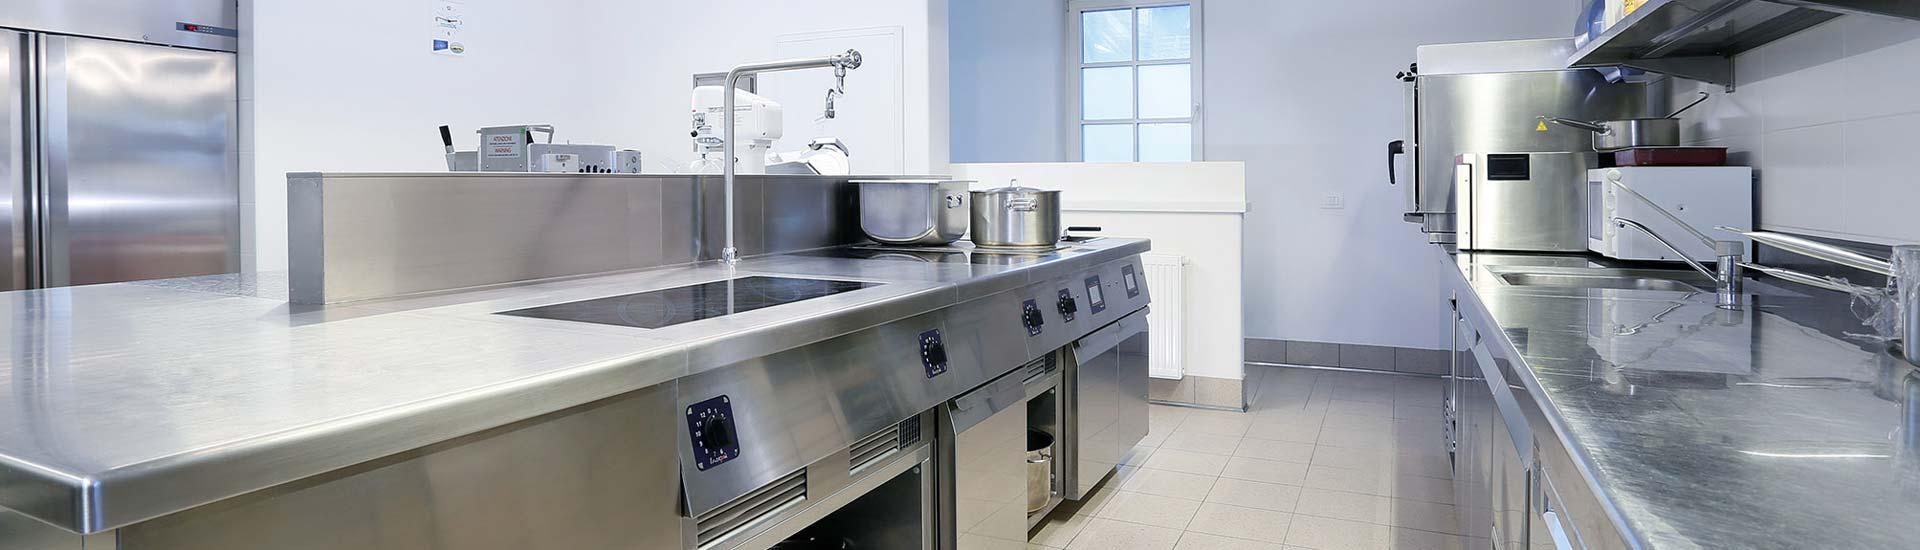 Geräte, Küchengeräte, Barausstattung für die Gastronomie ...